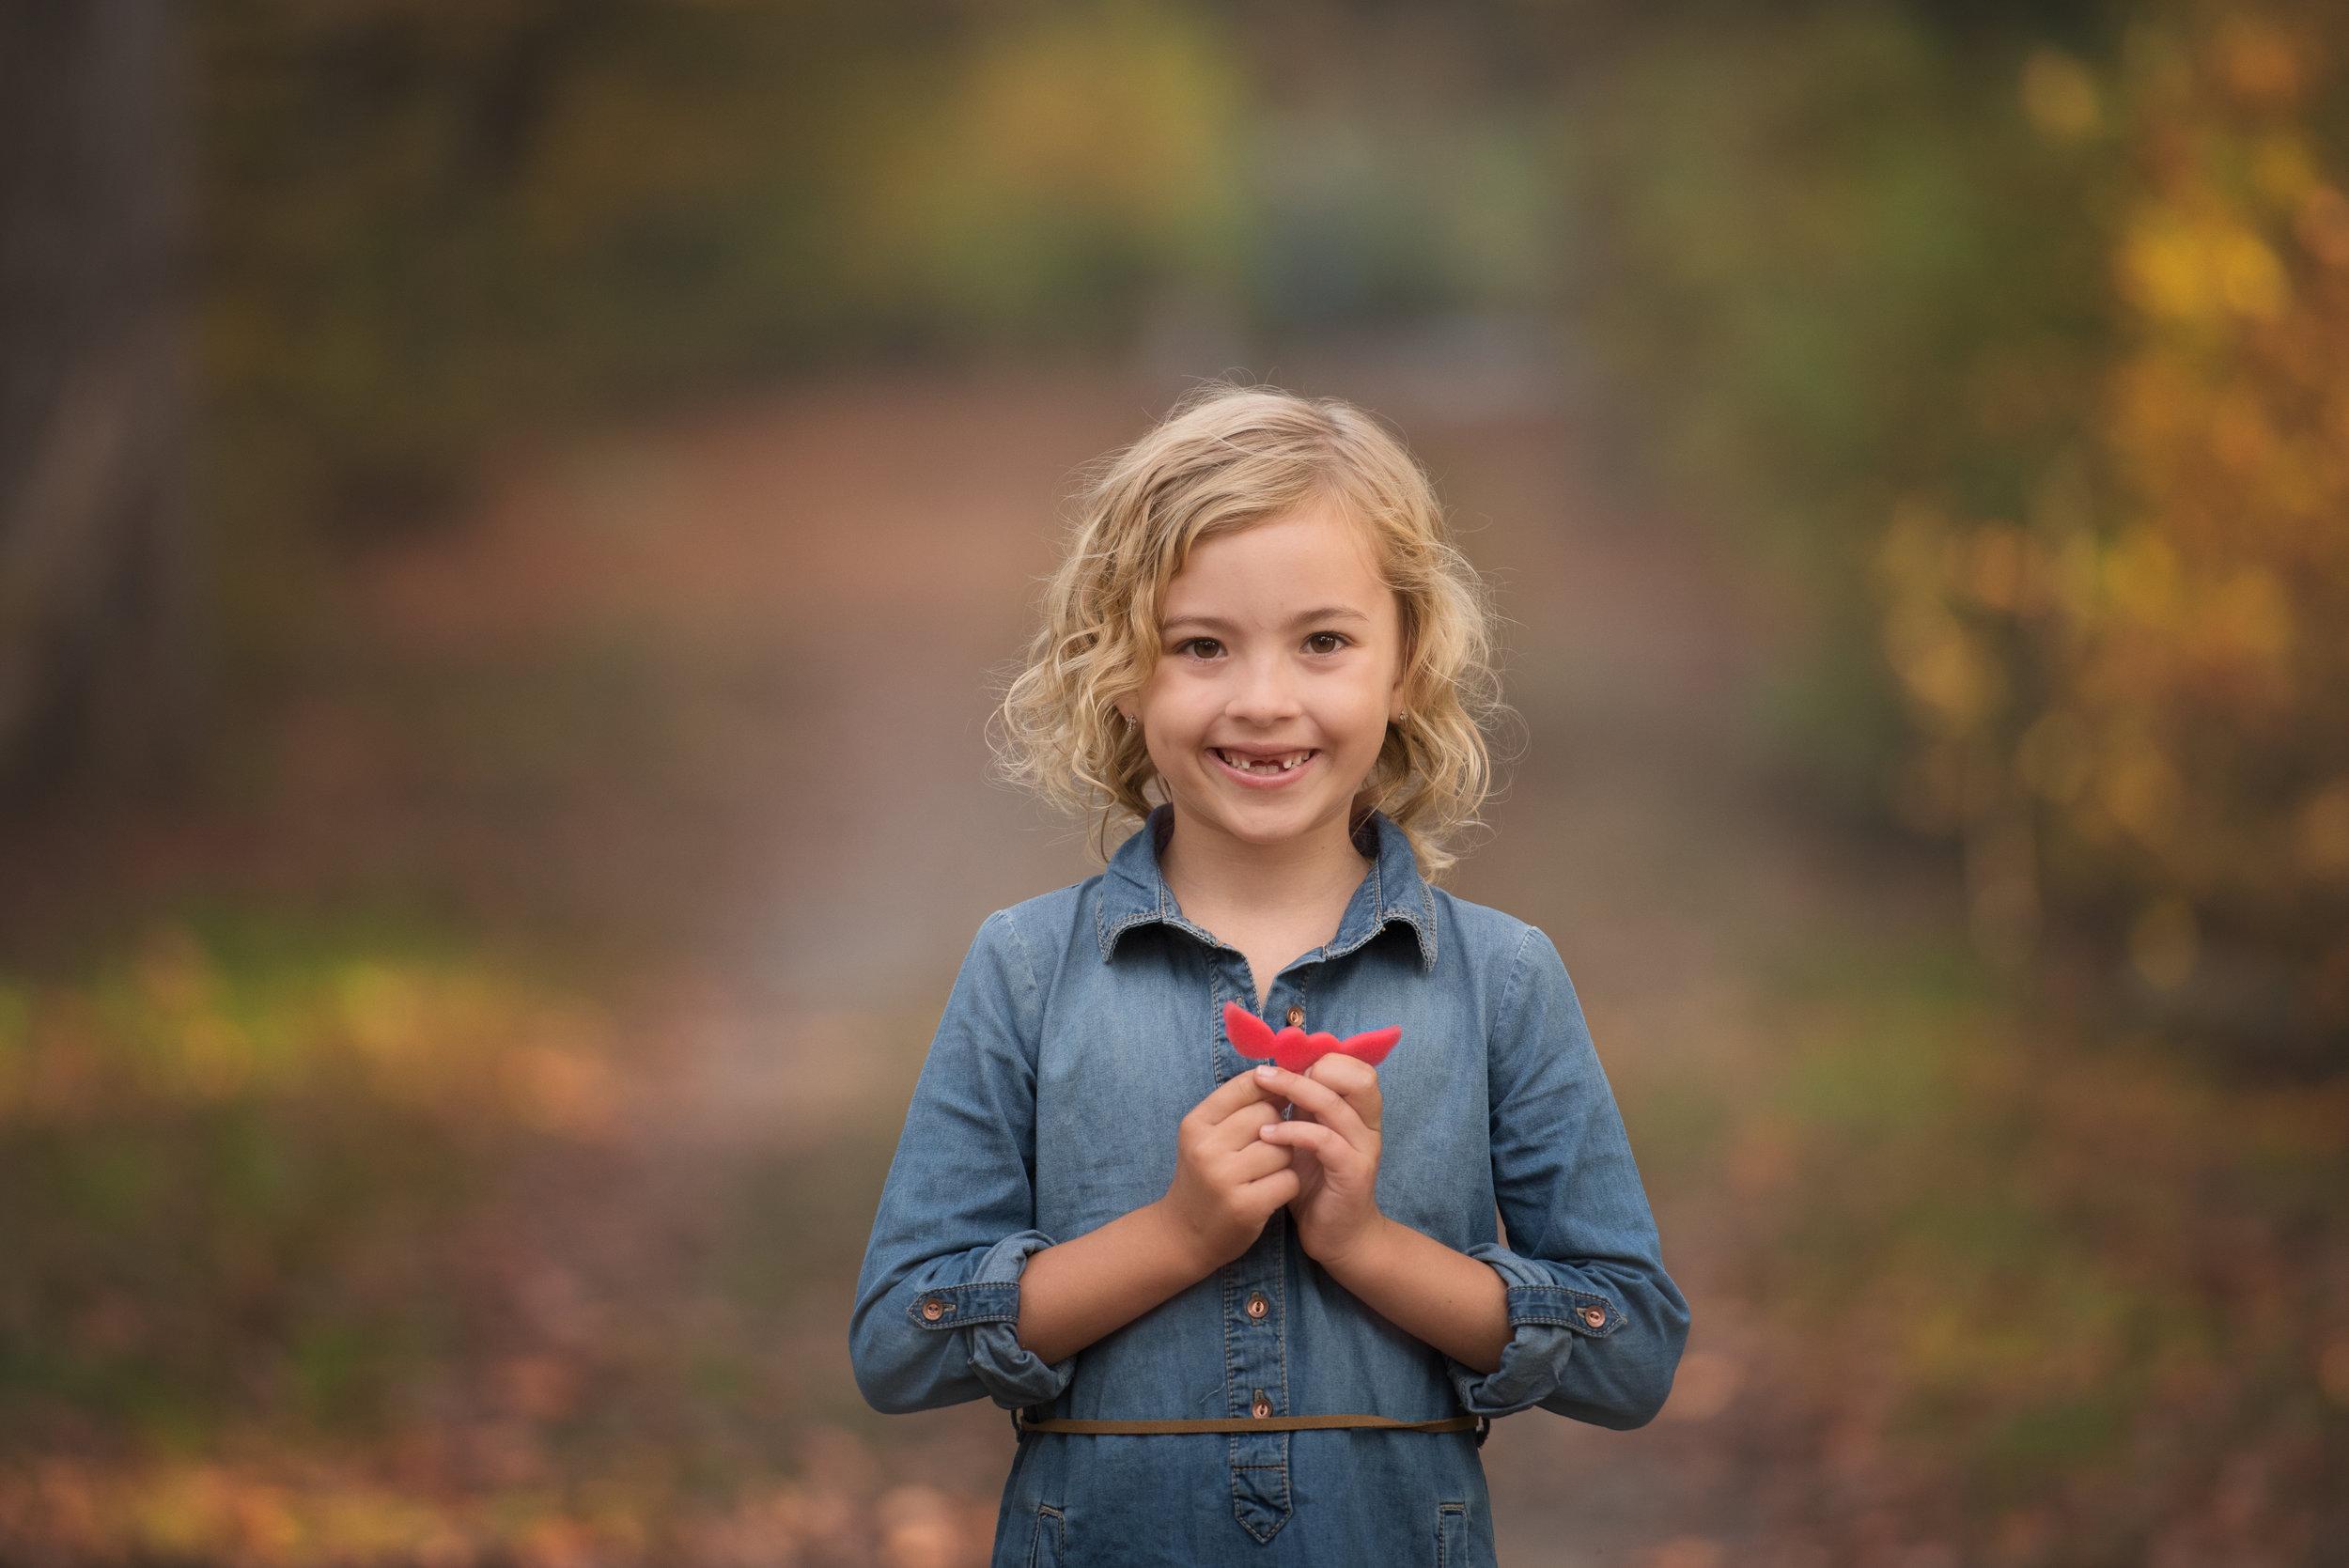 Little Girl Holding Angel Wings